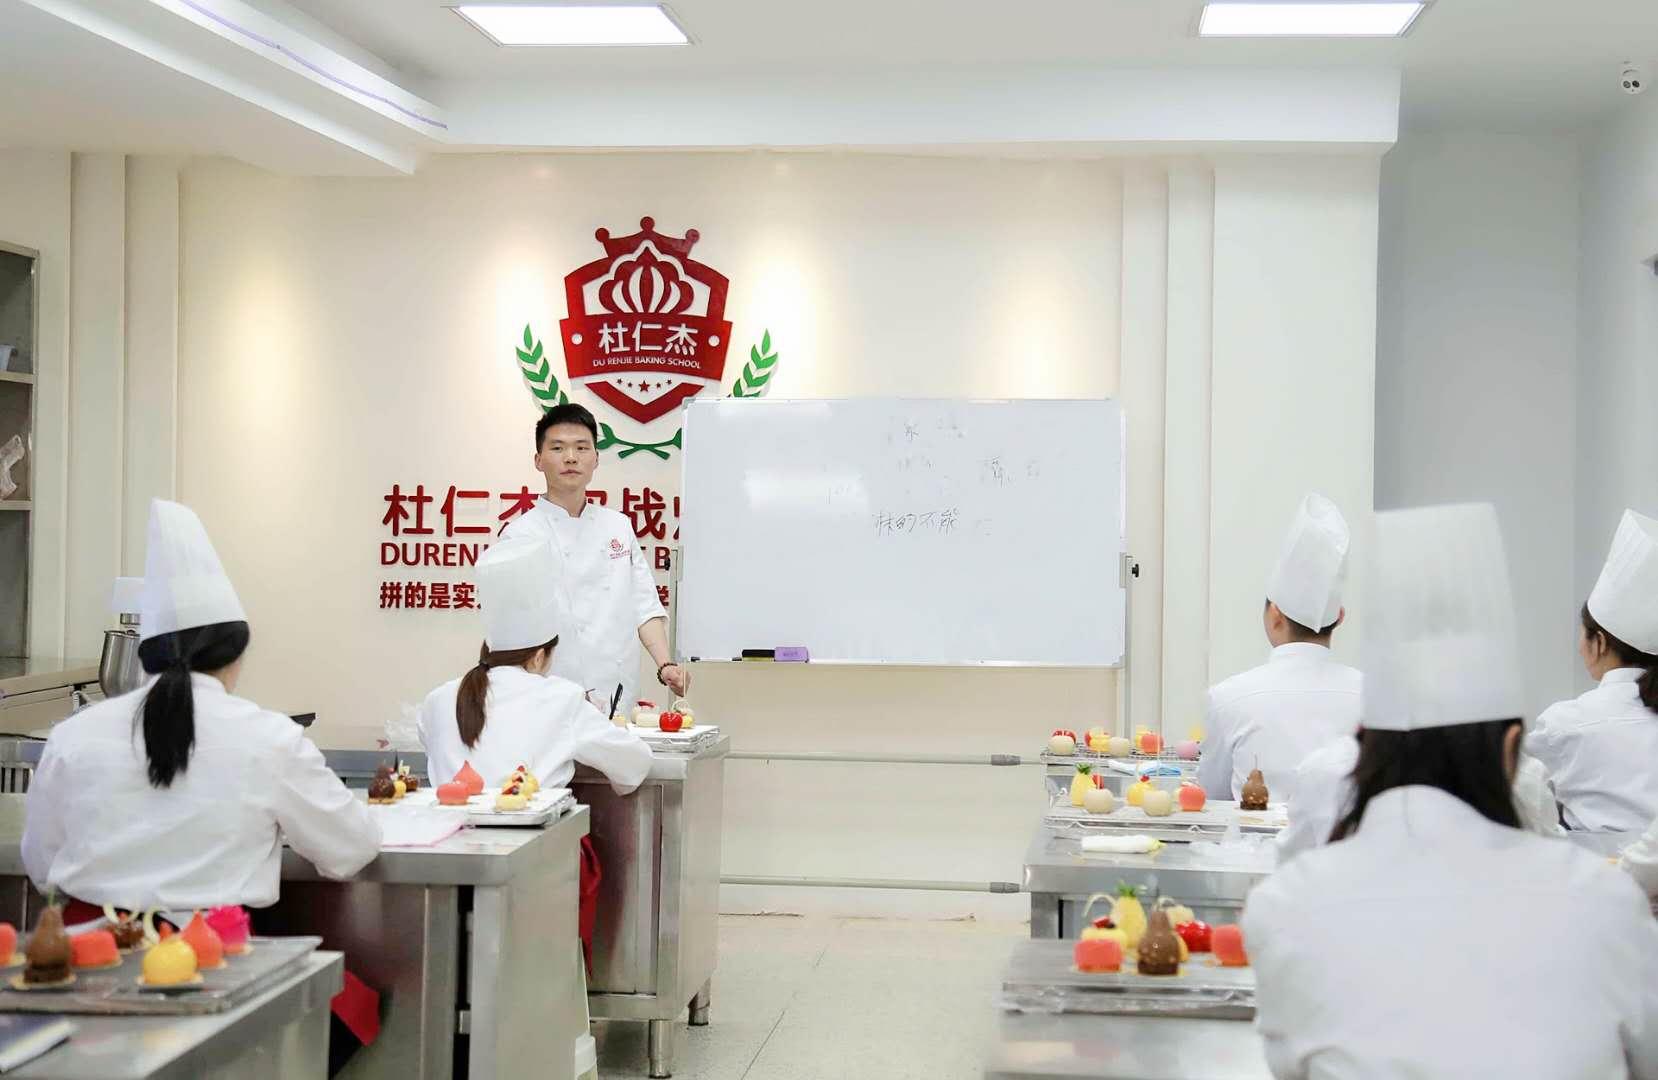 杜仁杰烘焙培训学校环境